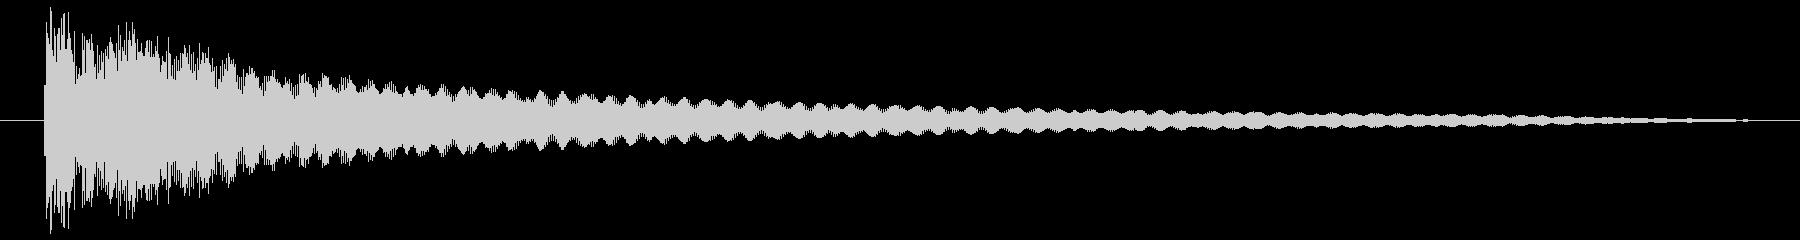 擬音 インパクトメタルディープロング01の未再生の波形